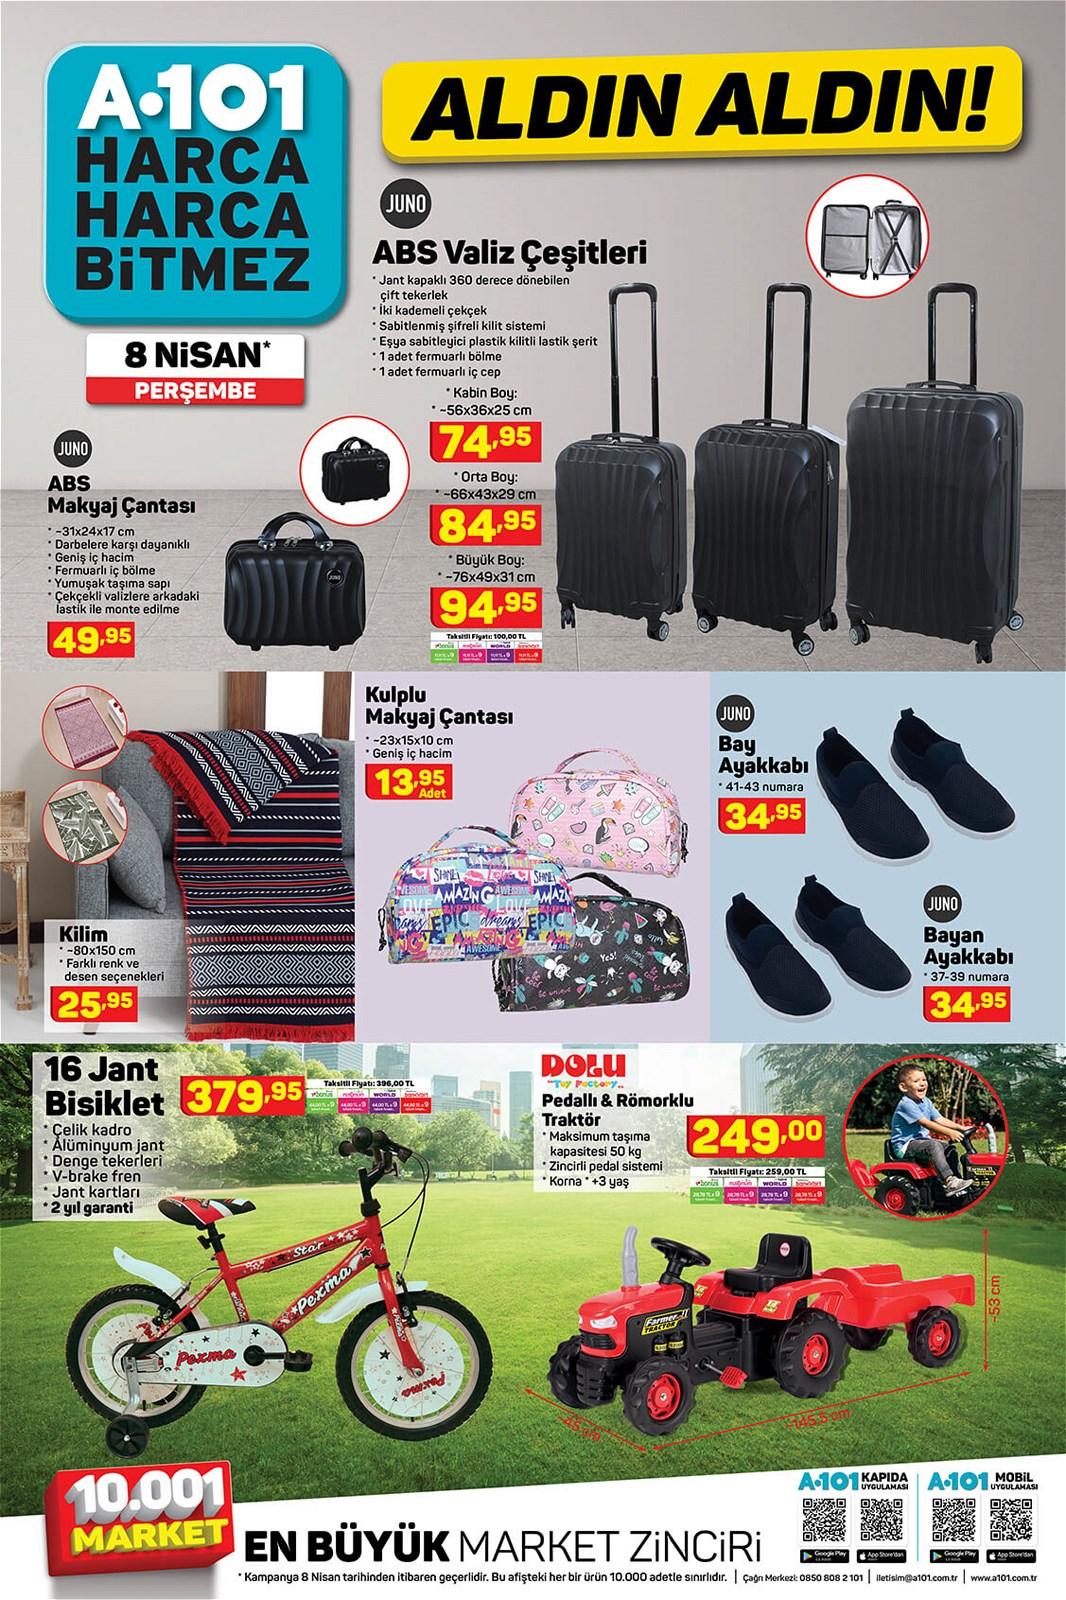 08.04.2021 A101 broşürü 8. sayfa